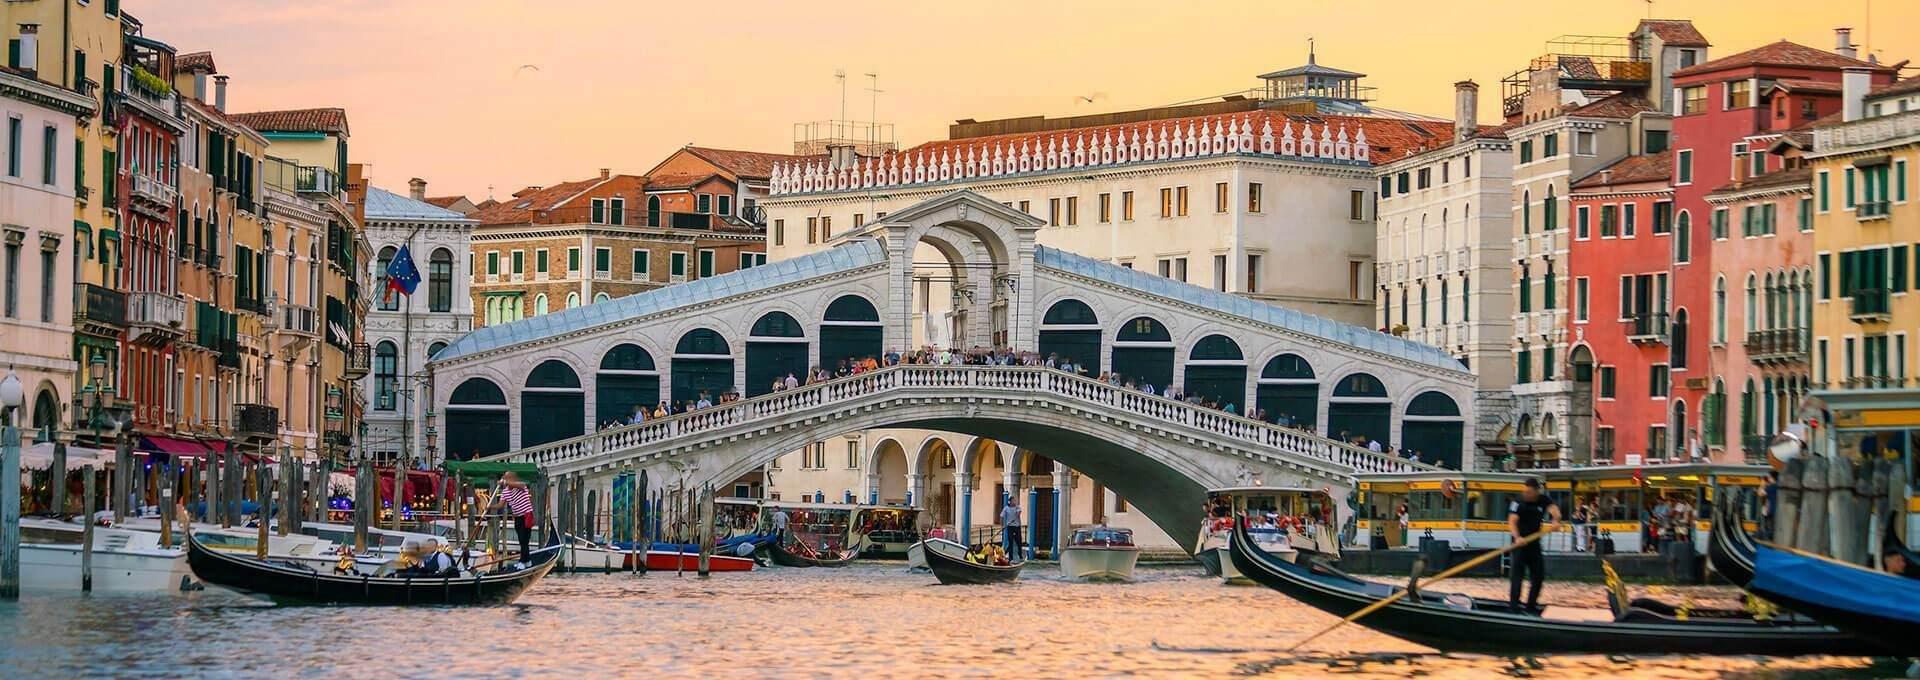 Venice entre les mains de lise - 2 part 6